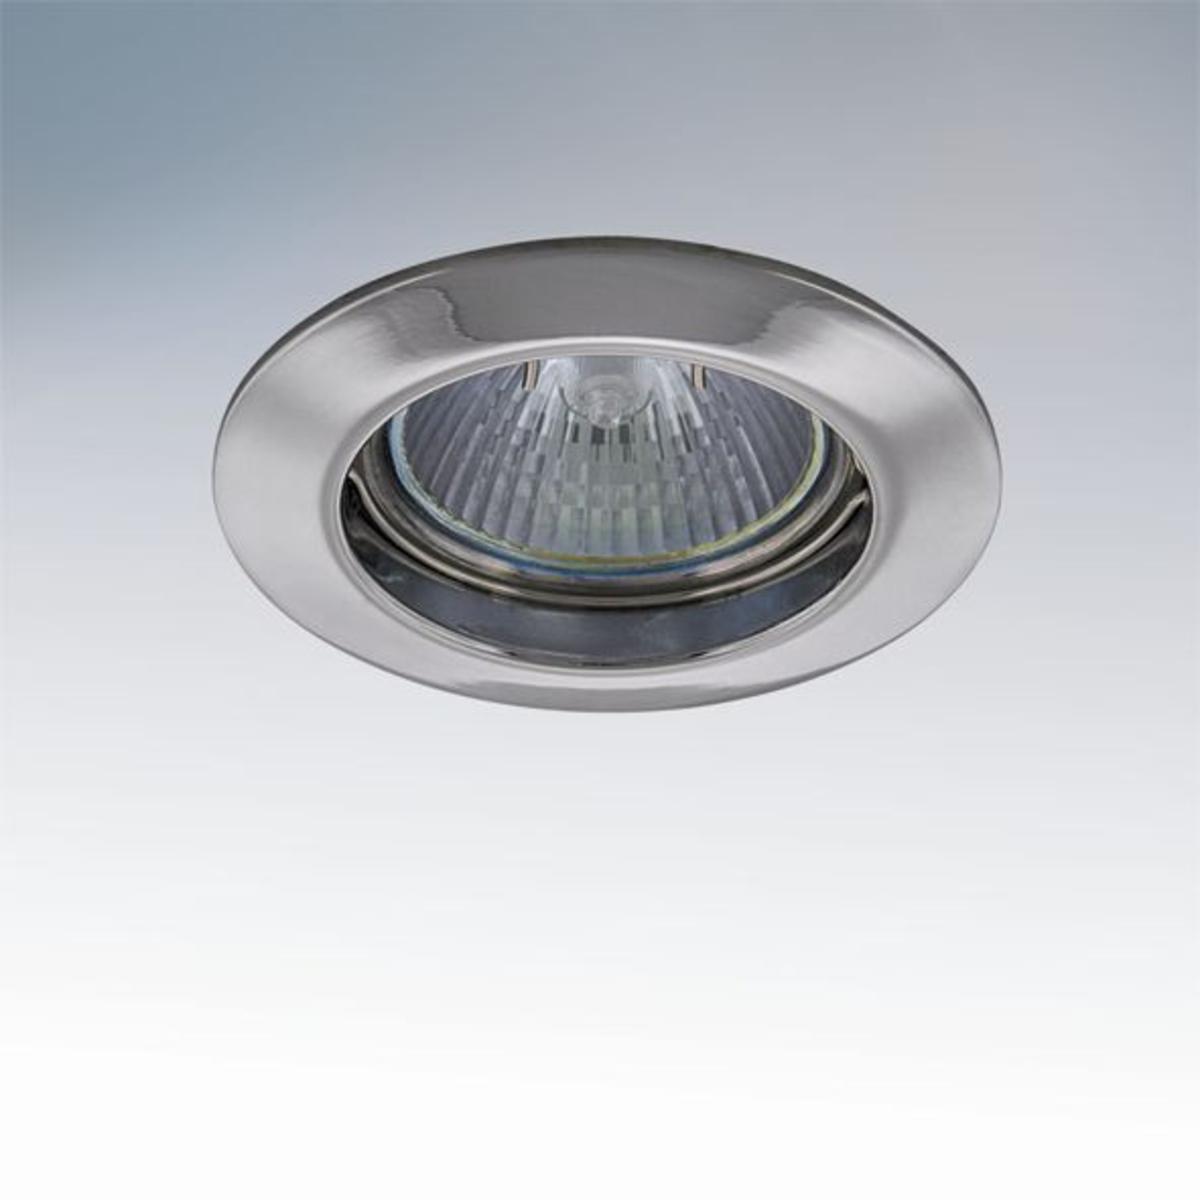 Купить Встраиваемый светильник LEGA HI FIX 011014, HomeMe